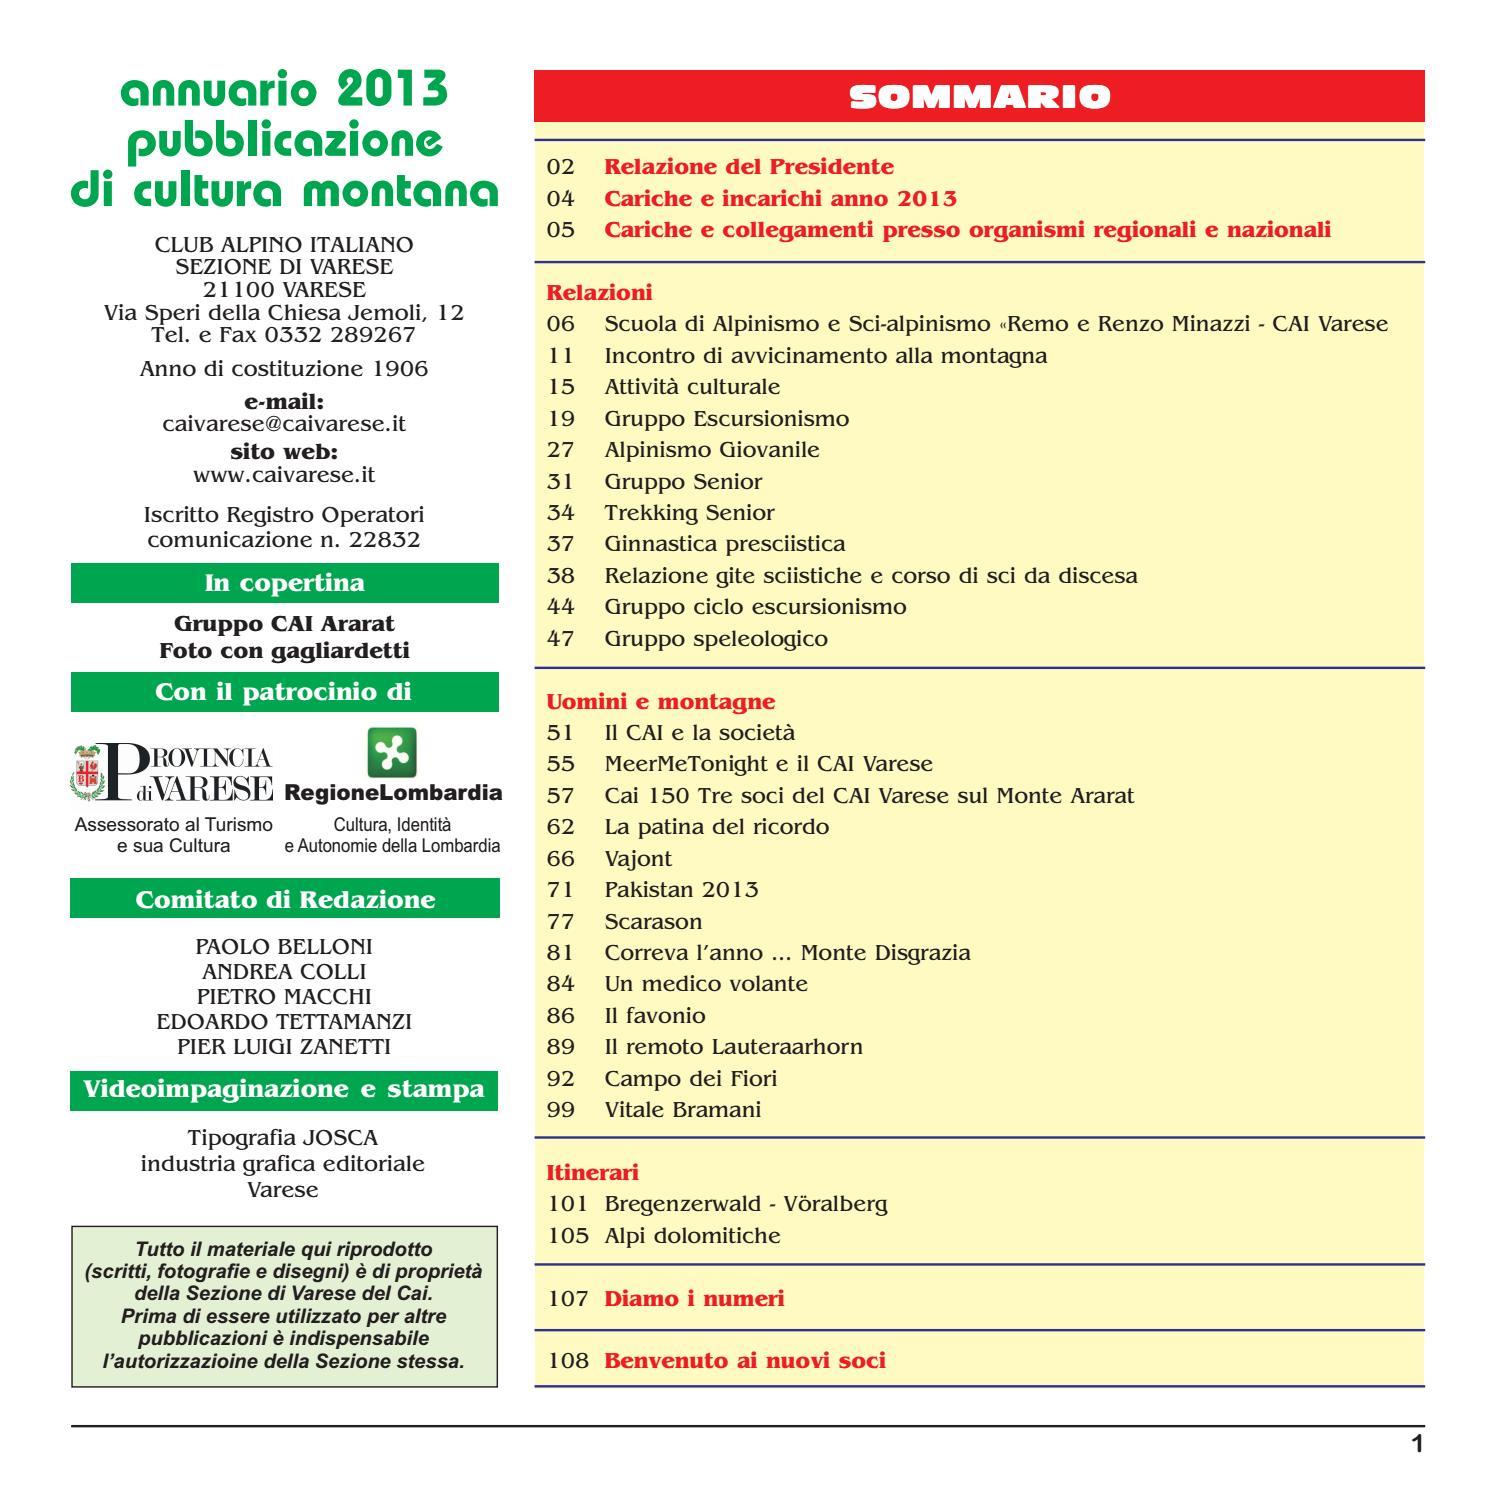 Annuario 2013 CAI Varese by Club Alpino Italiano - Sezione di Varese - issuu 95443ca1cfb